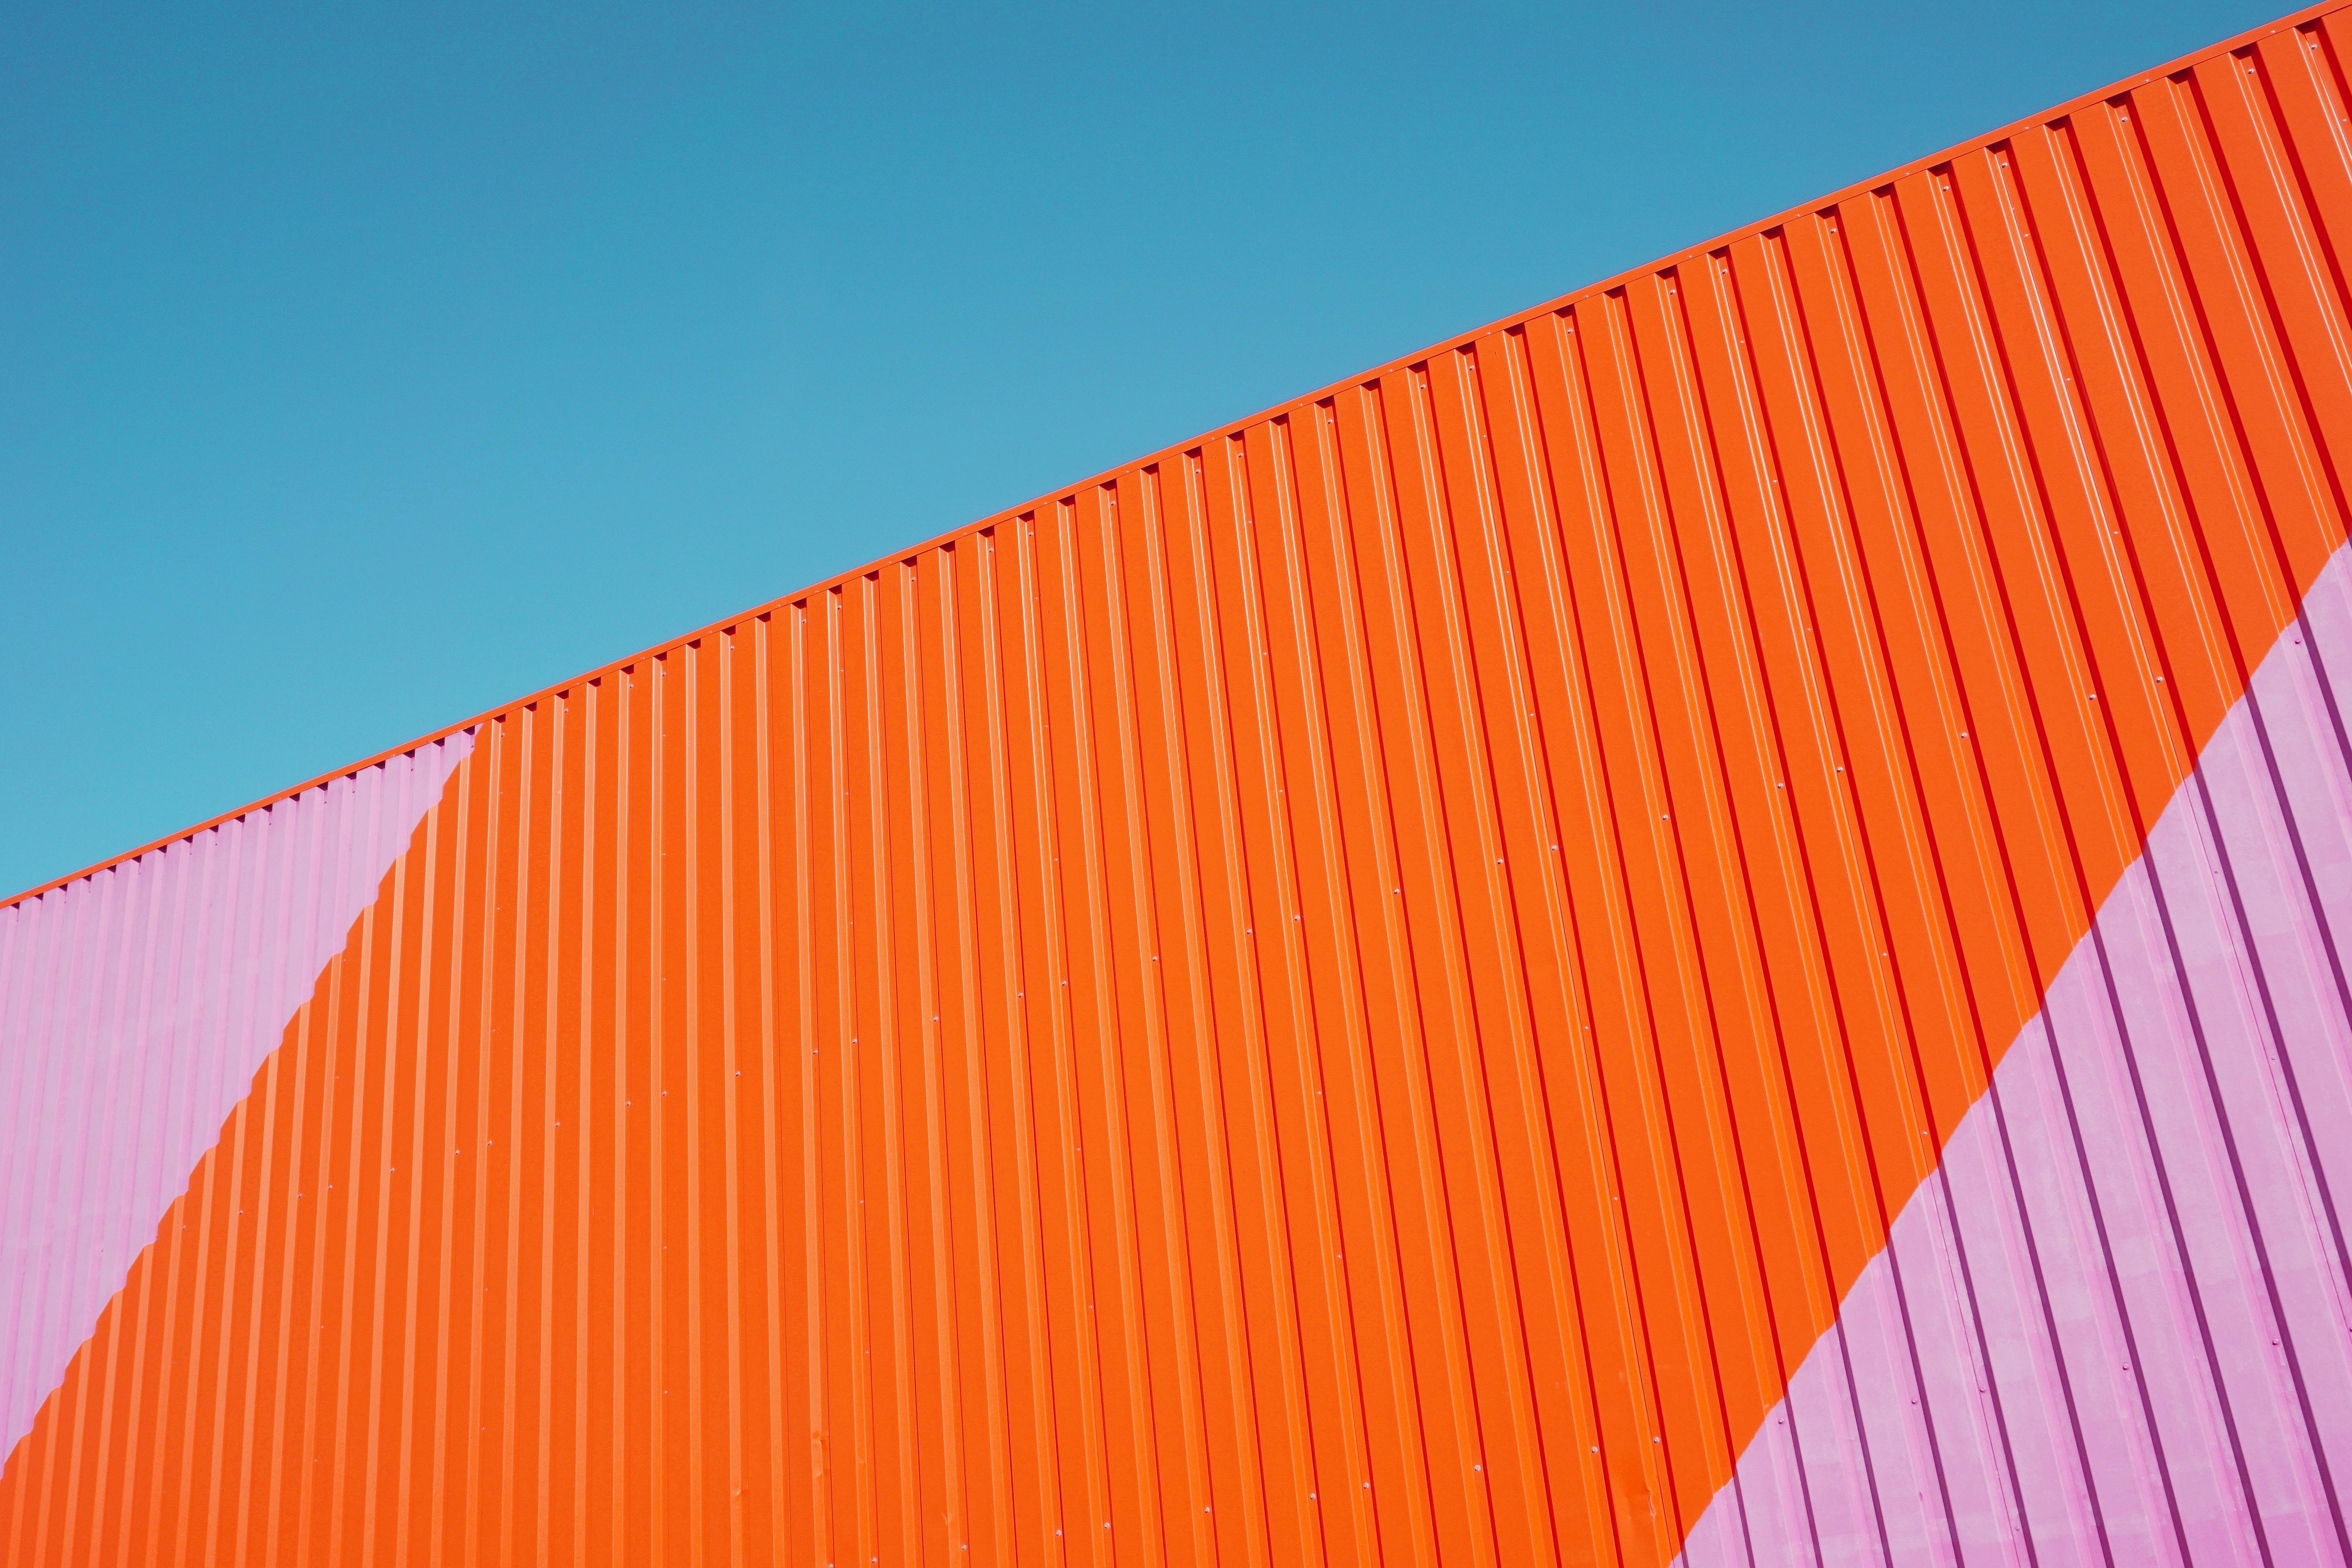 c70d35700 nebe dřevo střecha mrakodrap stěna oranžový čára Červené barva fasáda žlutý  design minimalismus ochranný kryt tvar